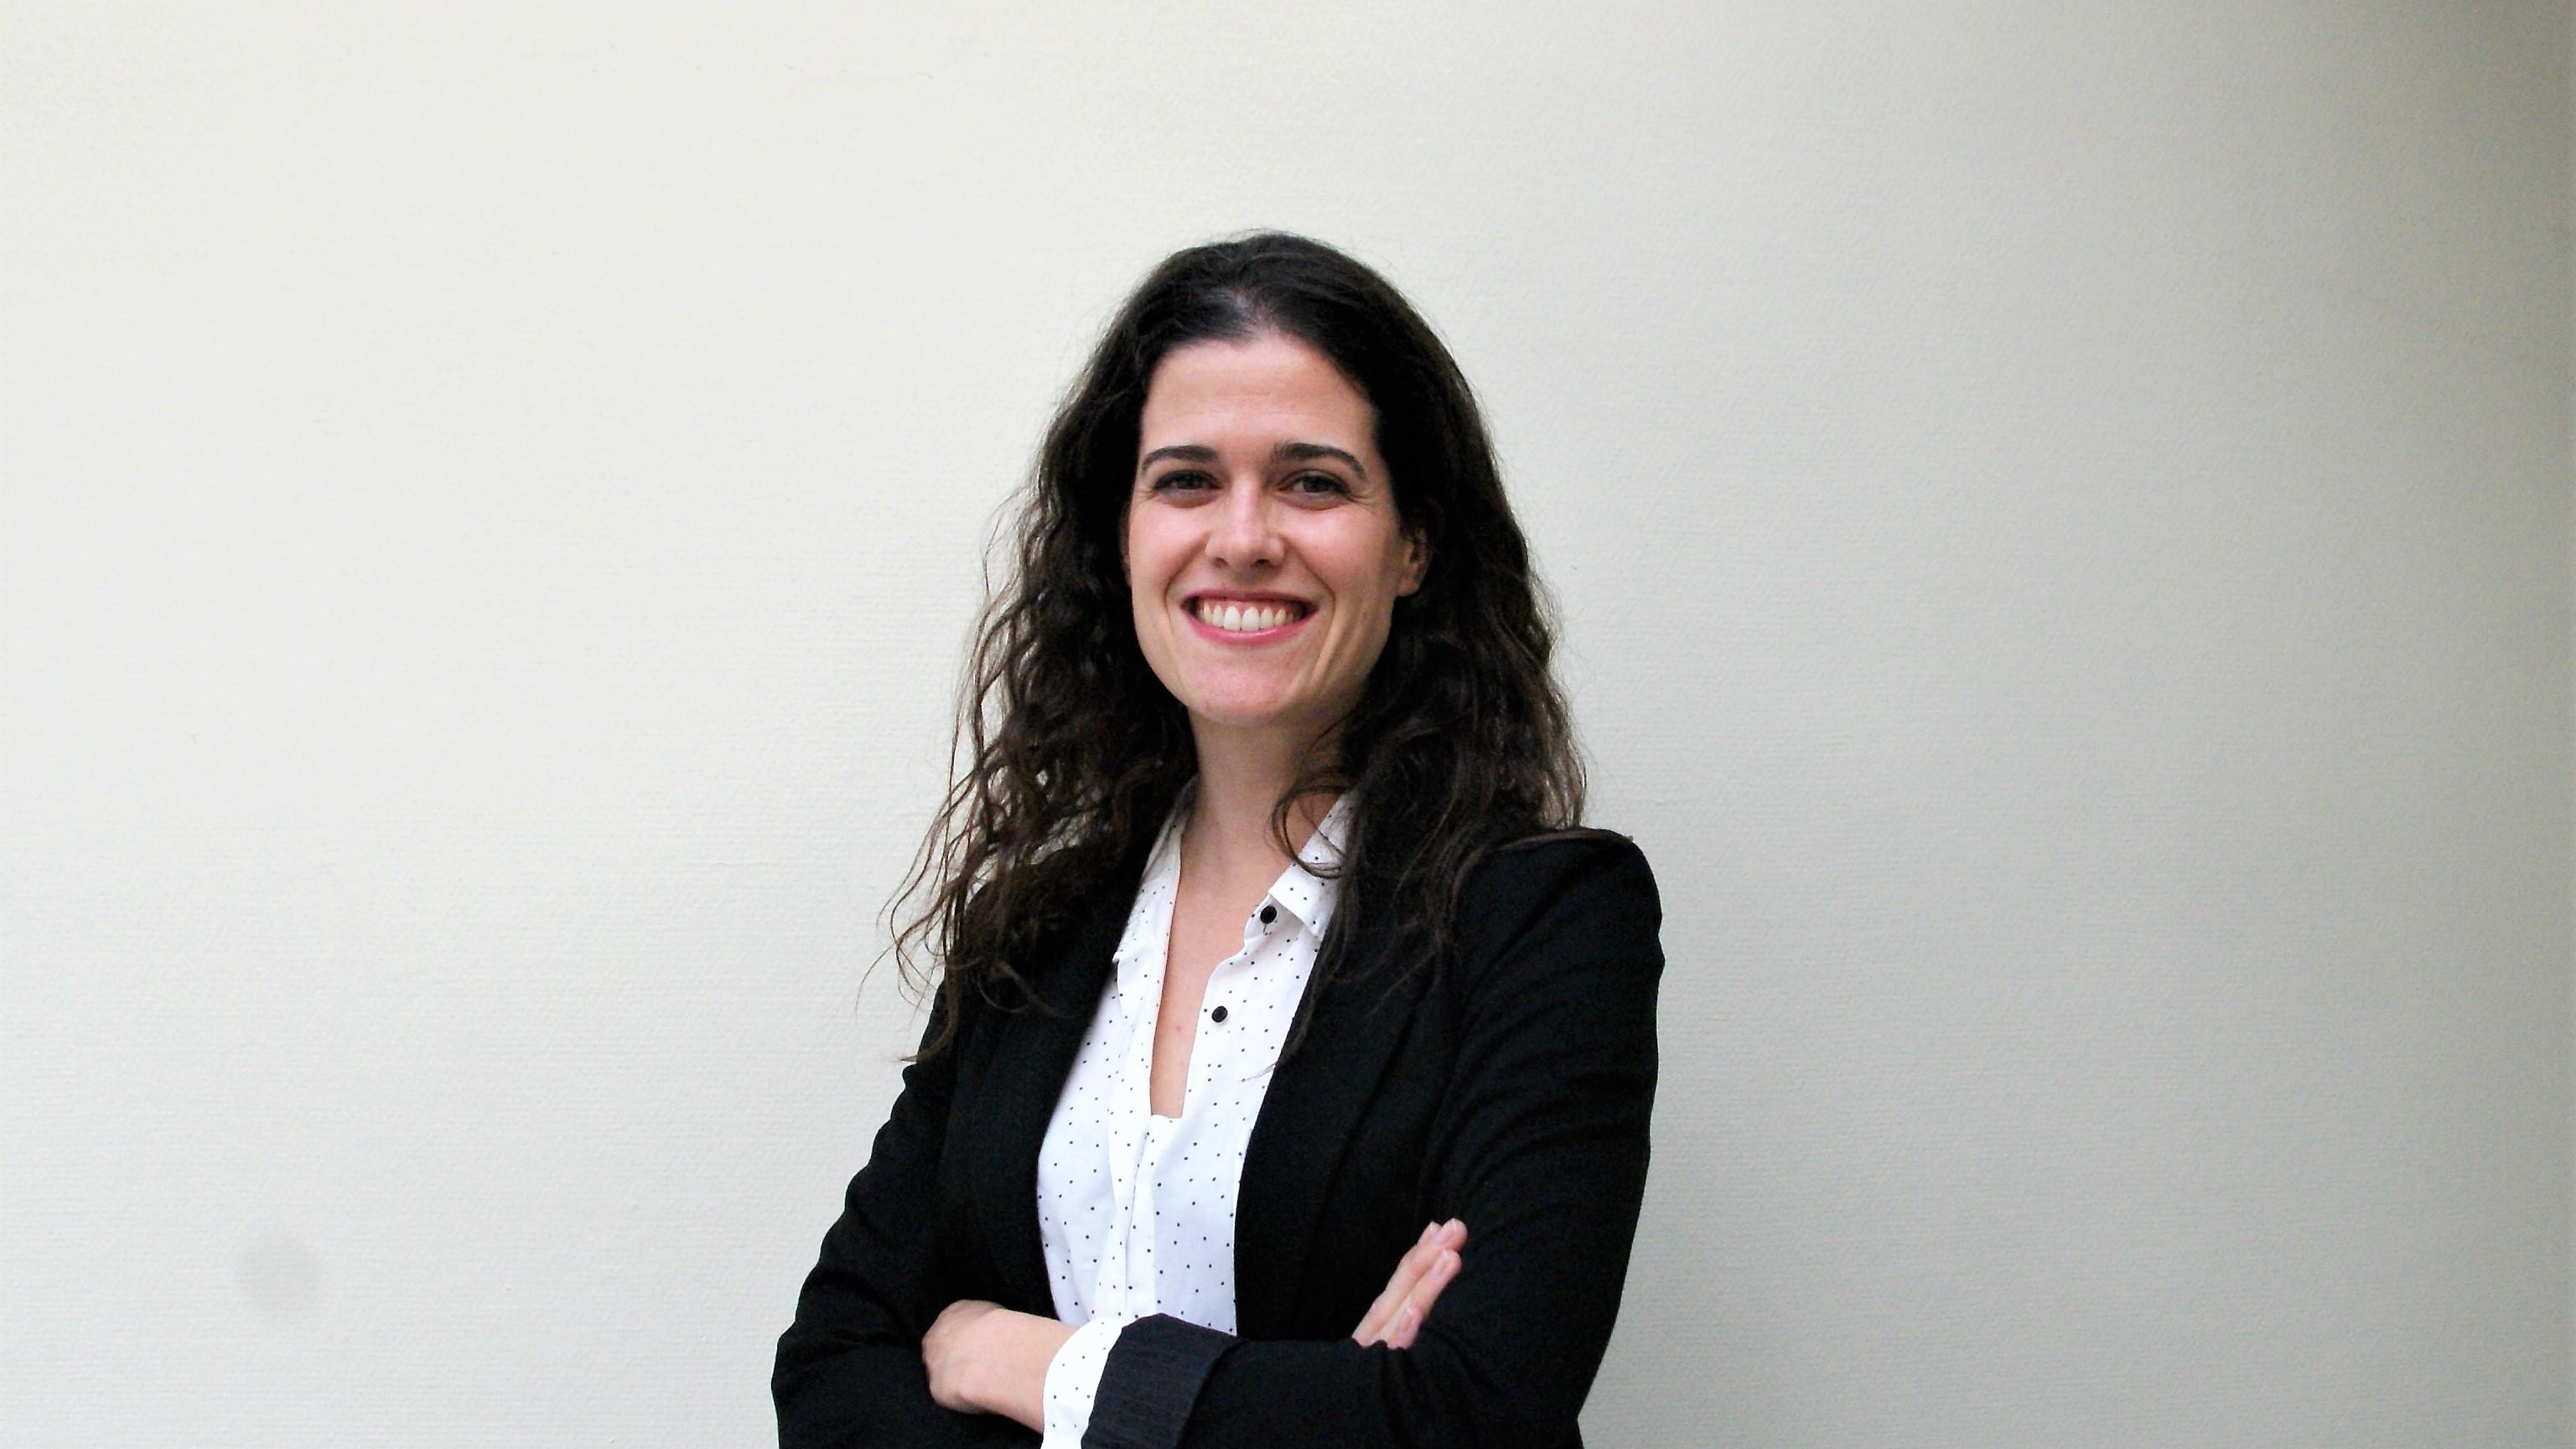 Inés Carrascón